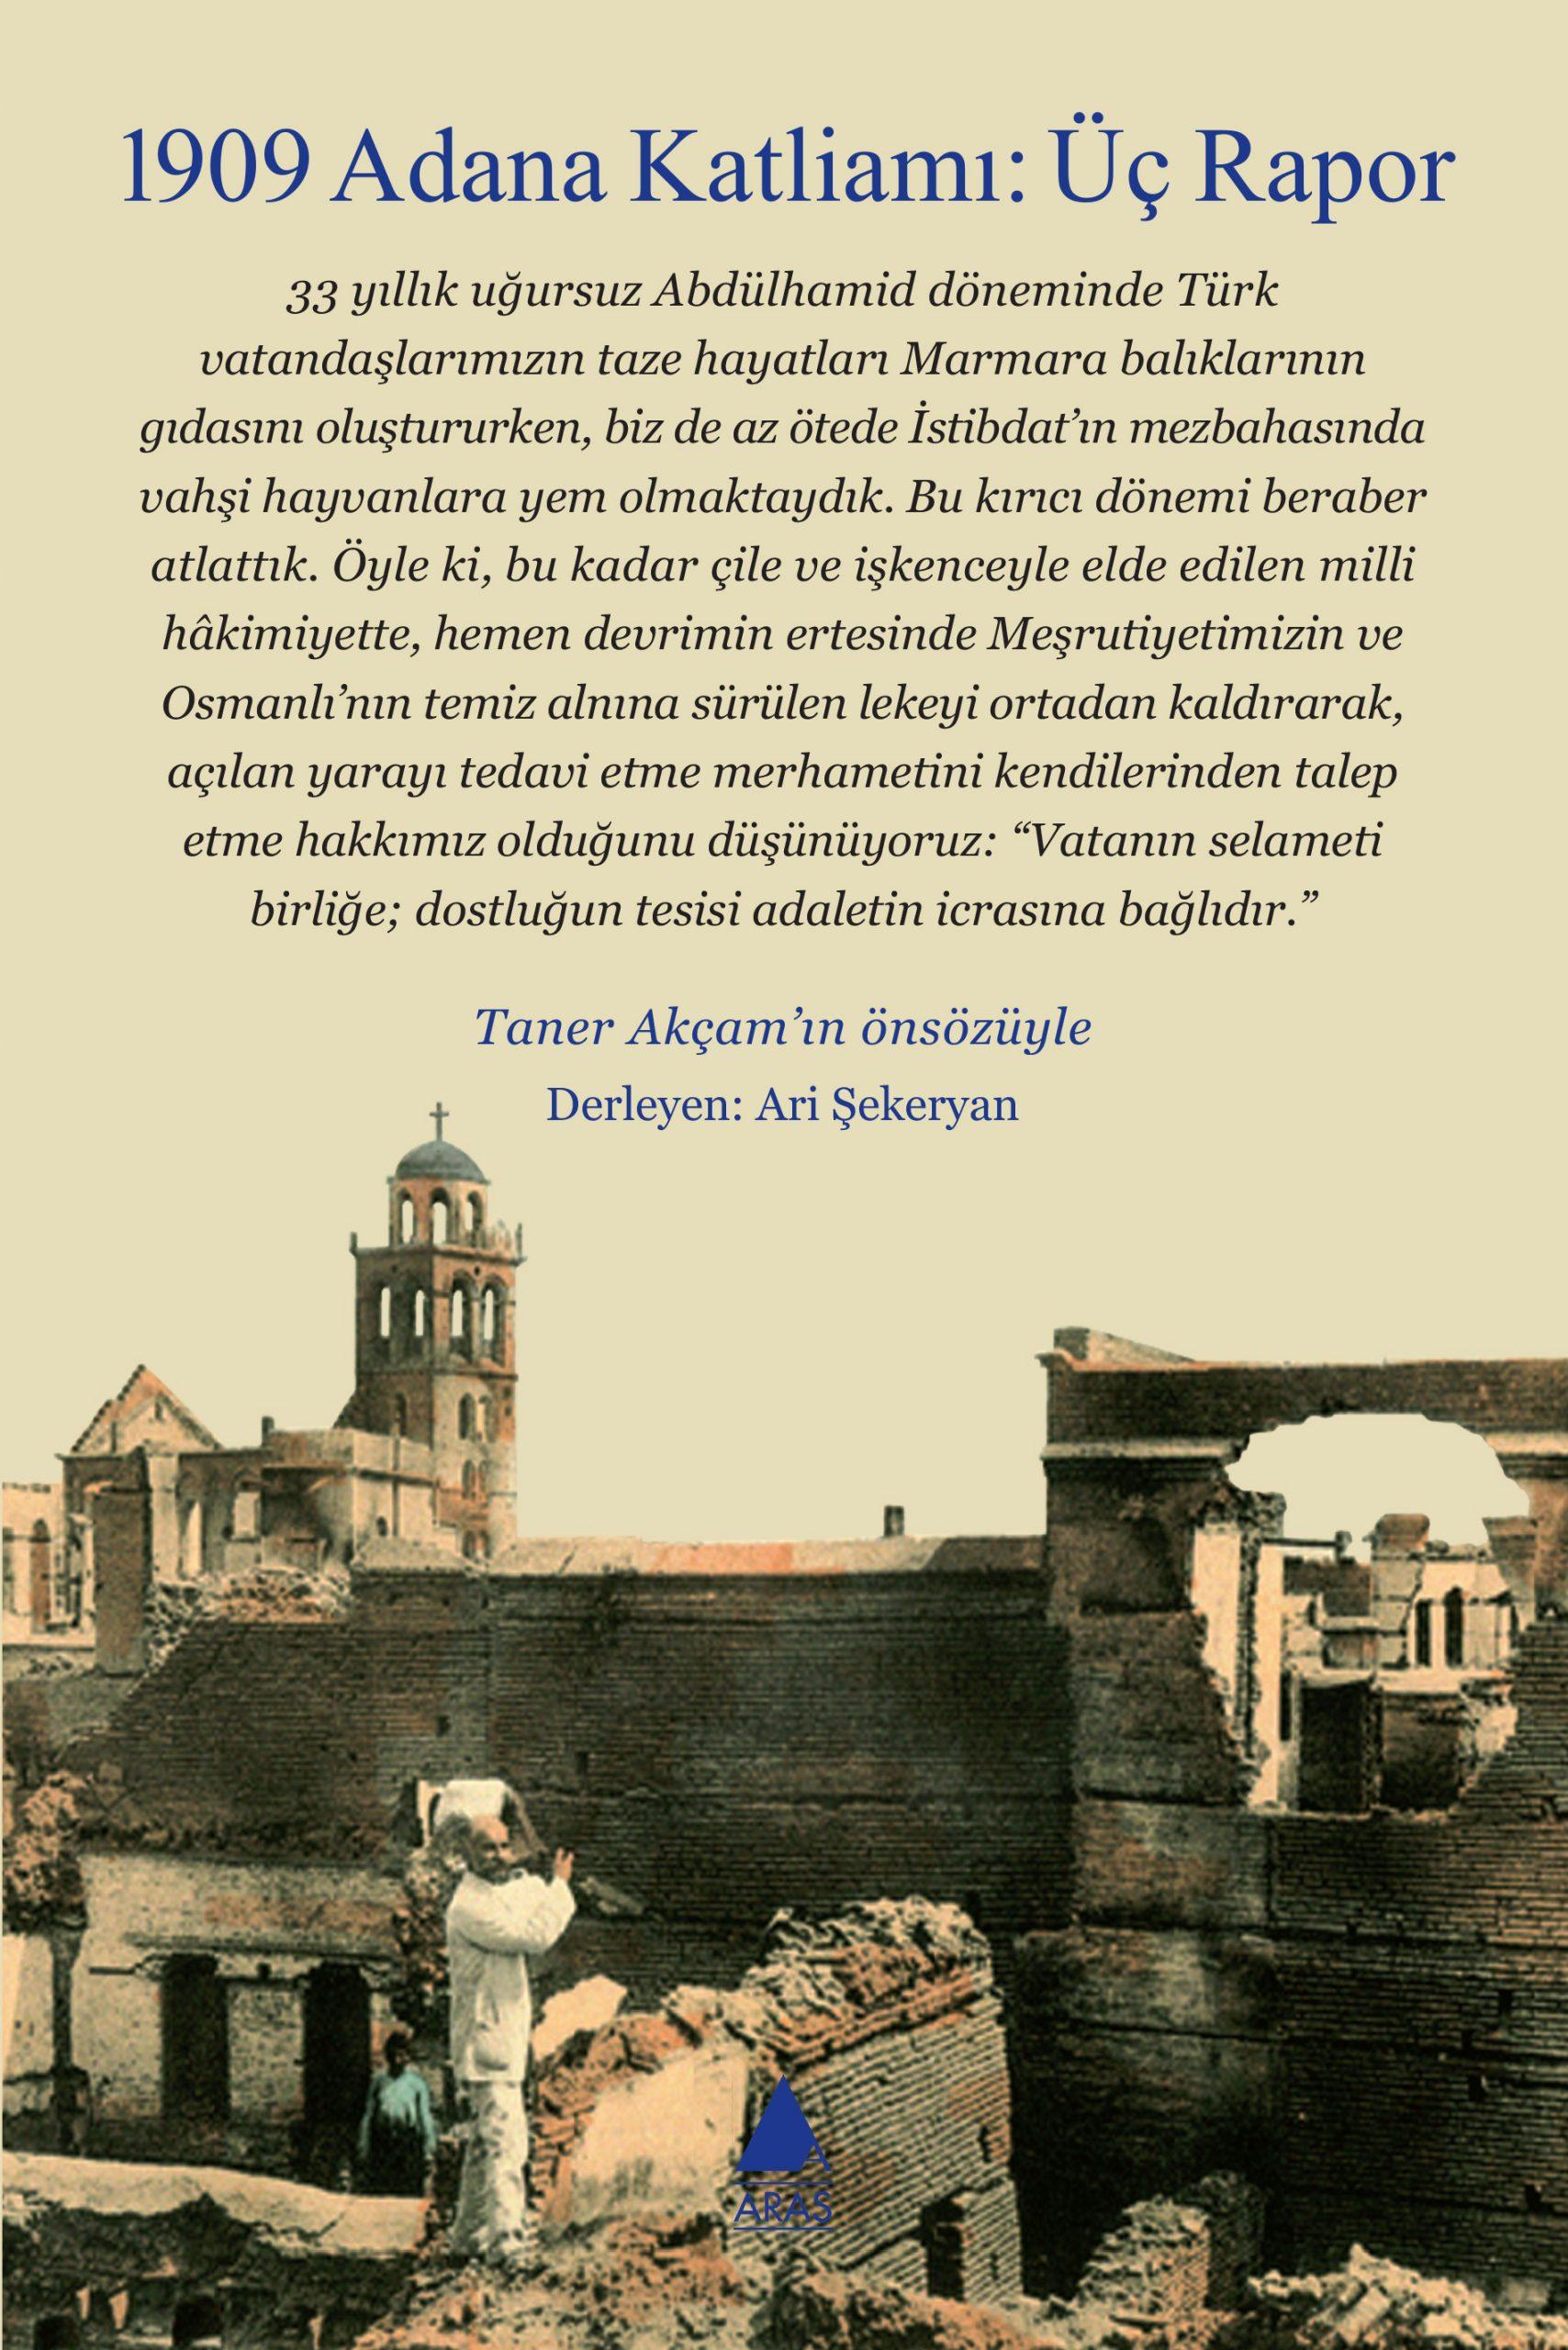 1909 Adana Katliamı: Üç Rapor